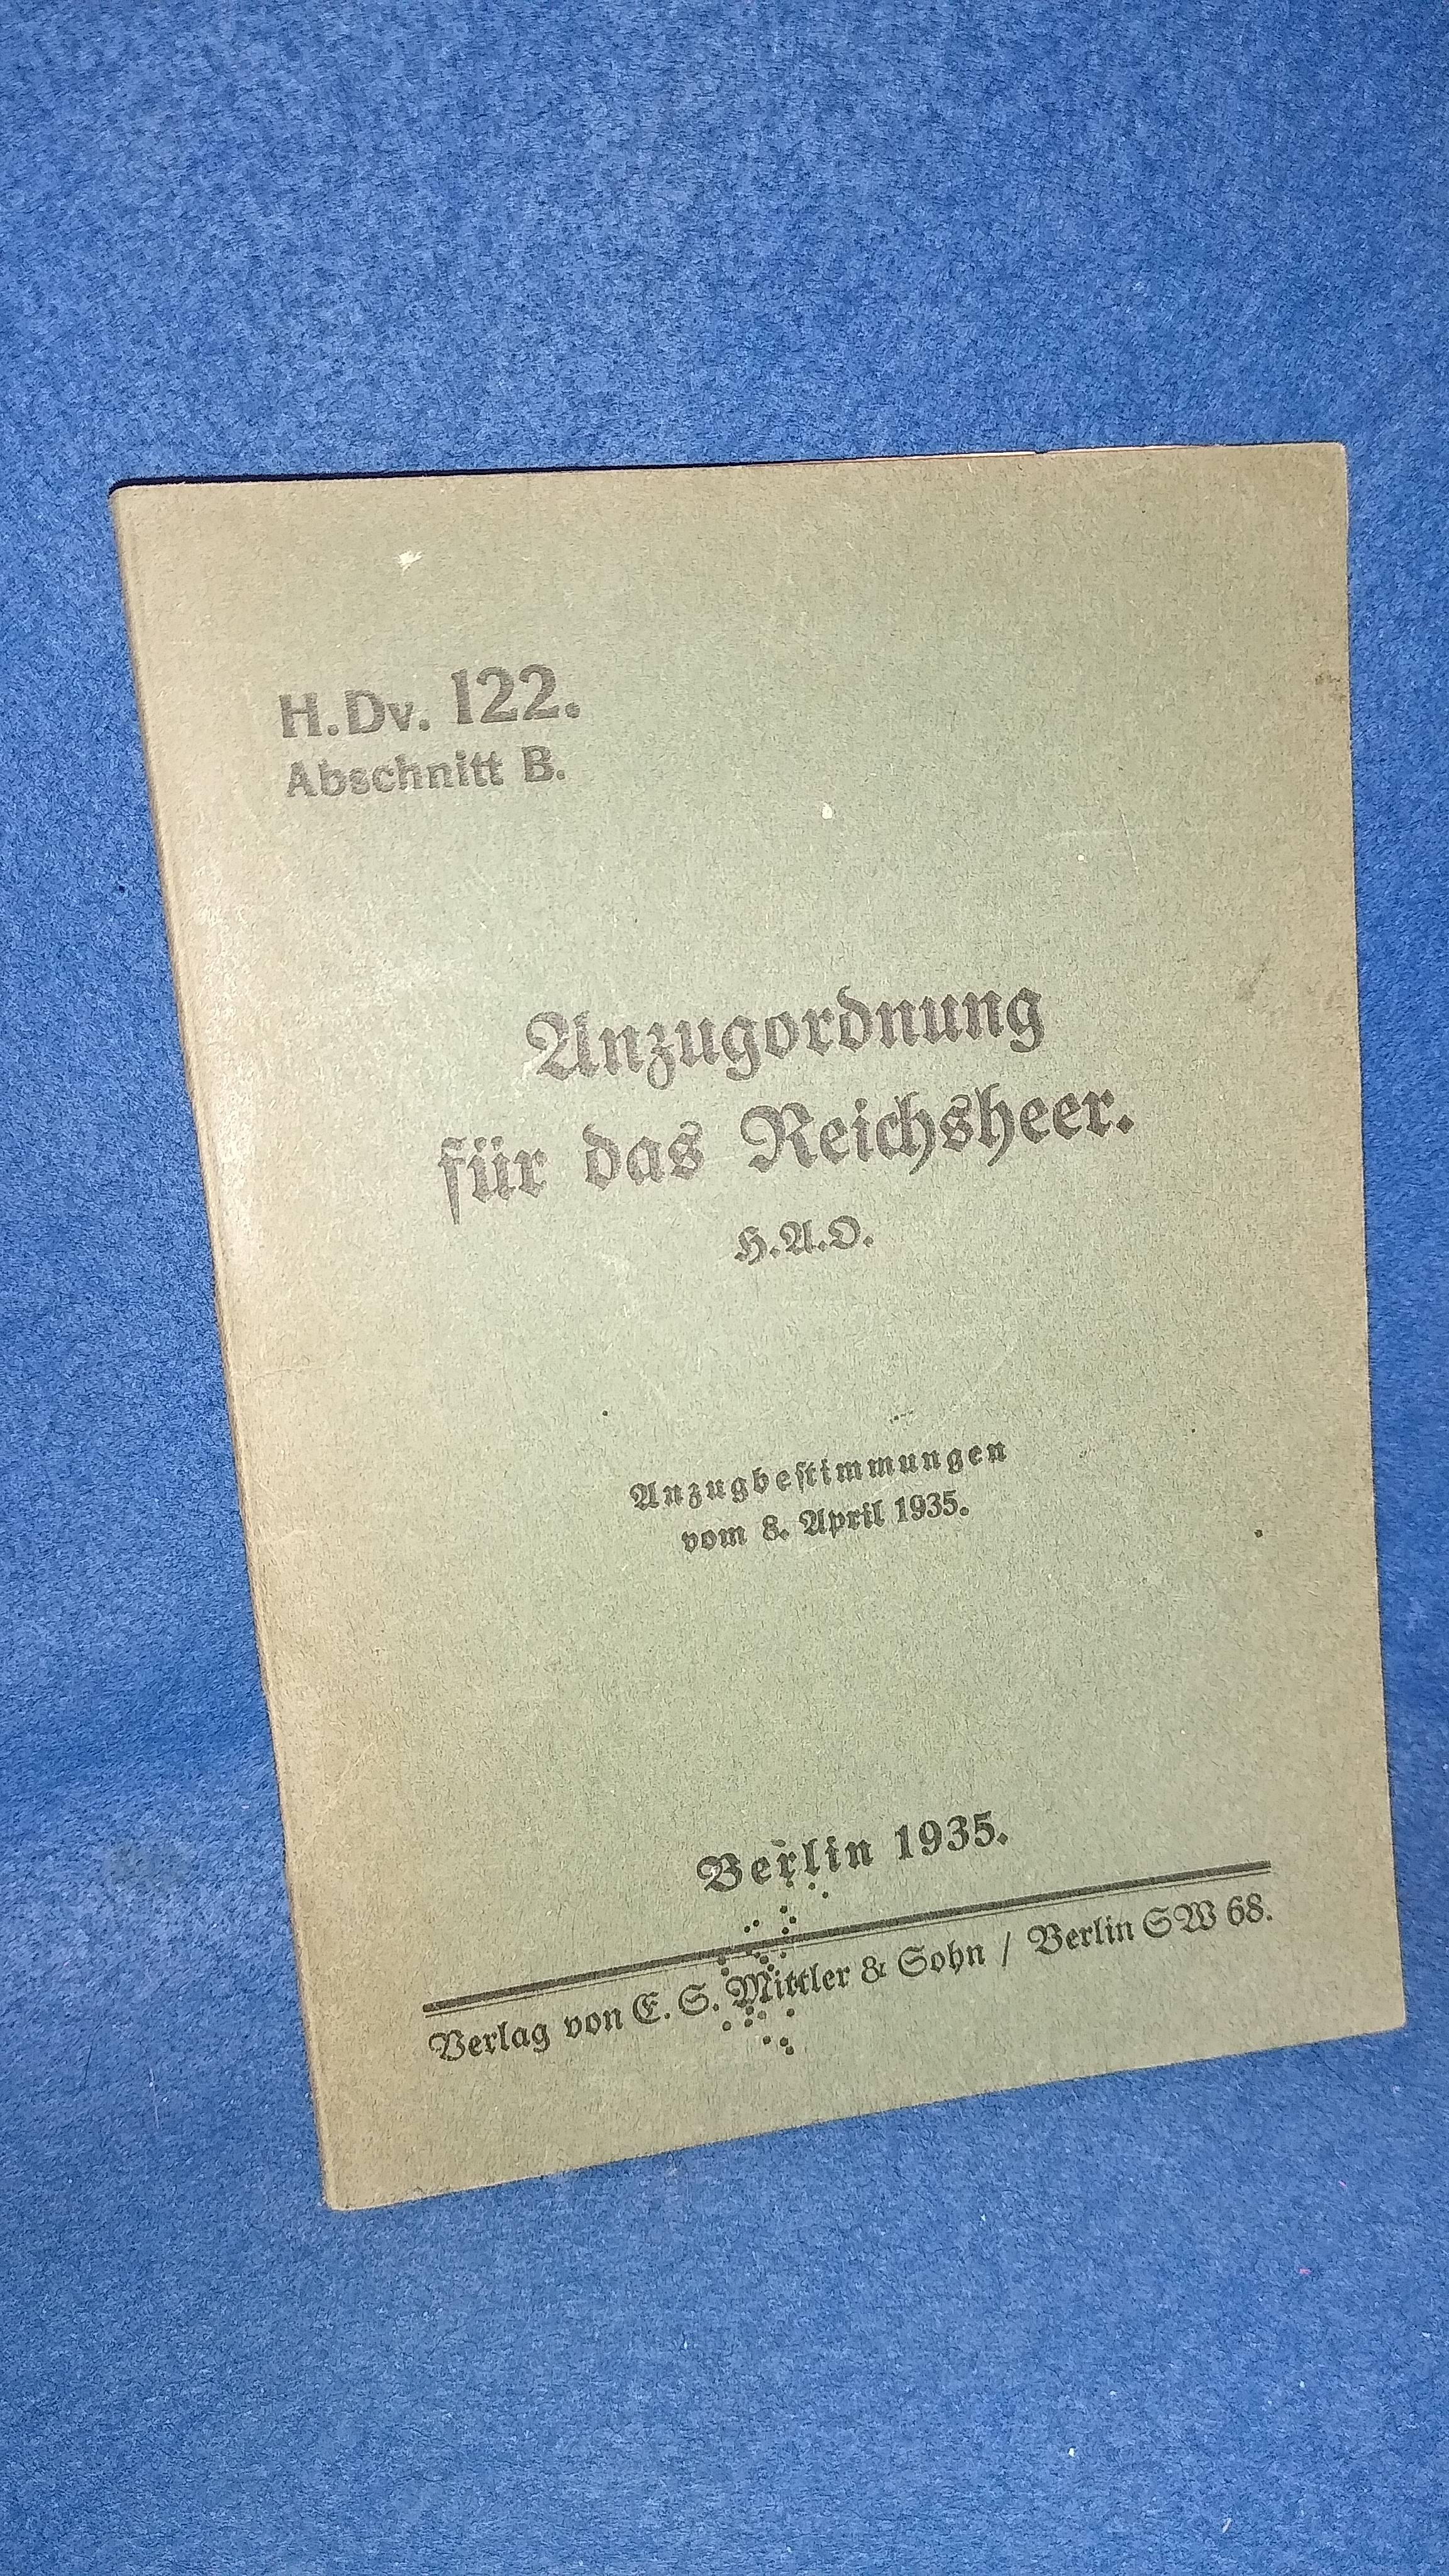 Anzugsordnung für das Reichsheer - Anzugsbestimmungen Teil B - H.Dv 122 -